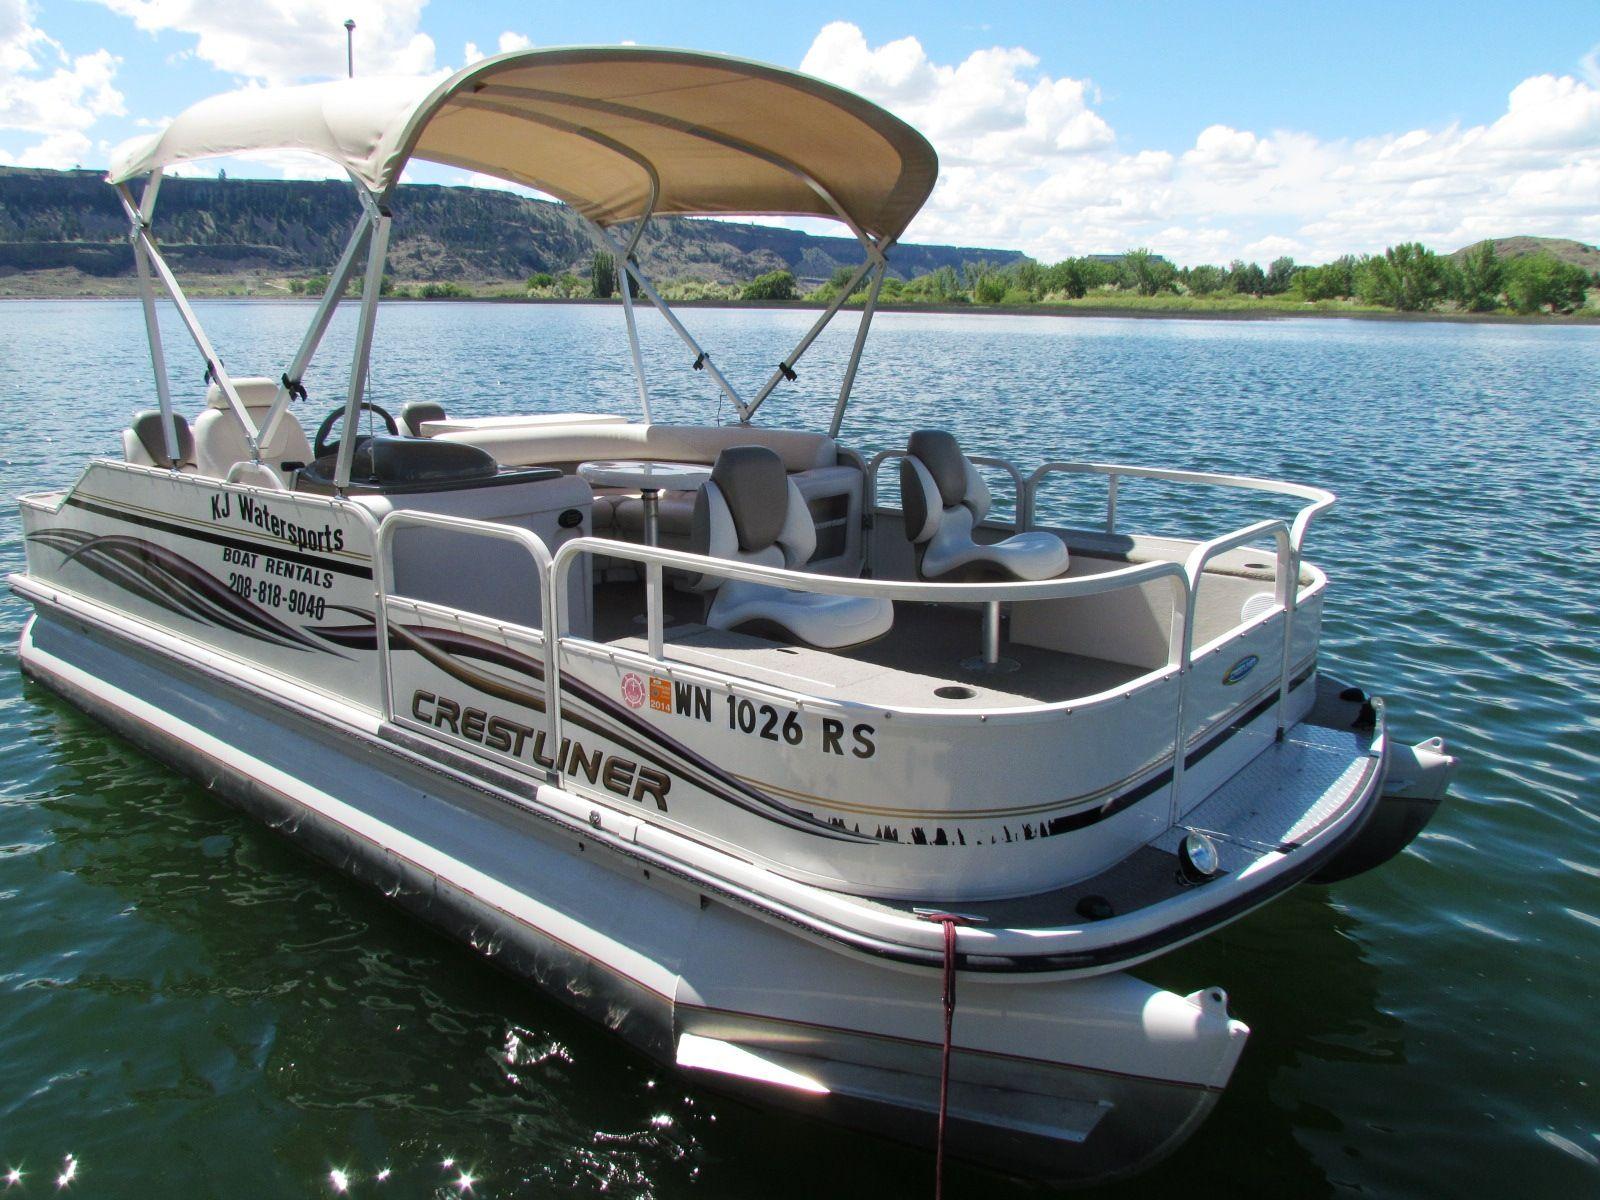 12 person crestliner pontoon boat pontoon boats for Fishing pontoon boats